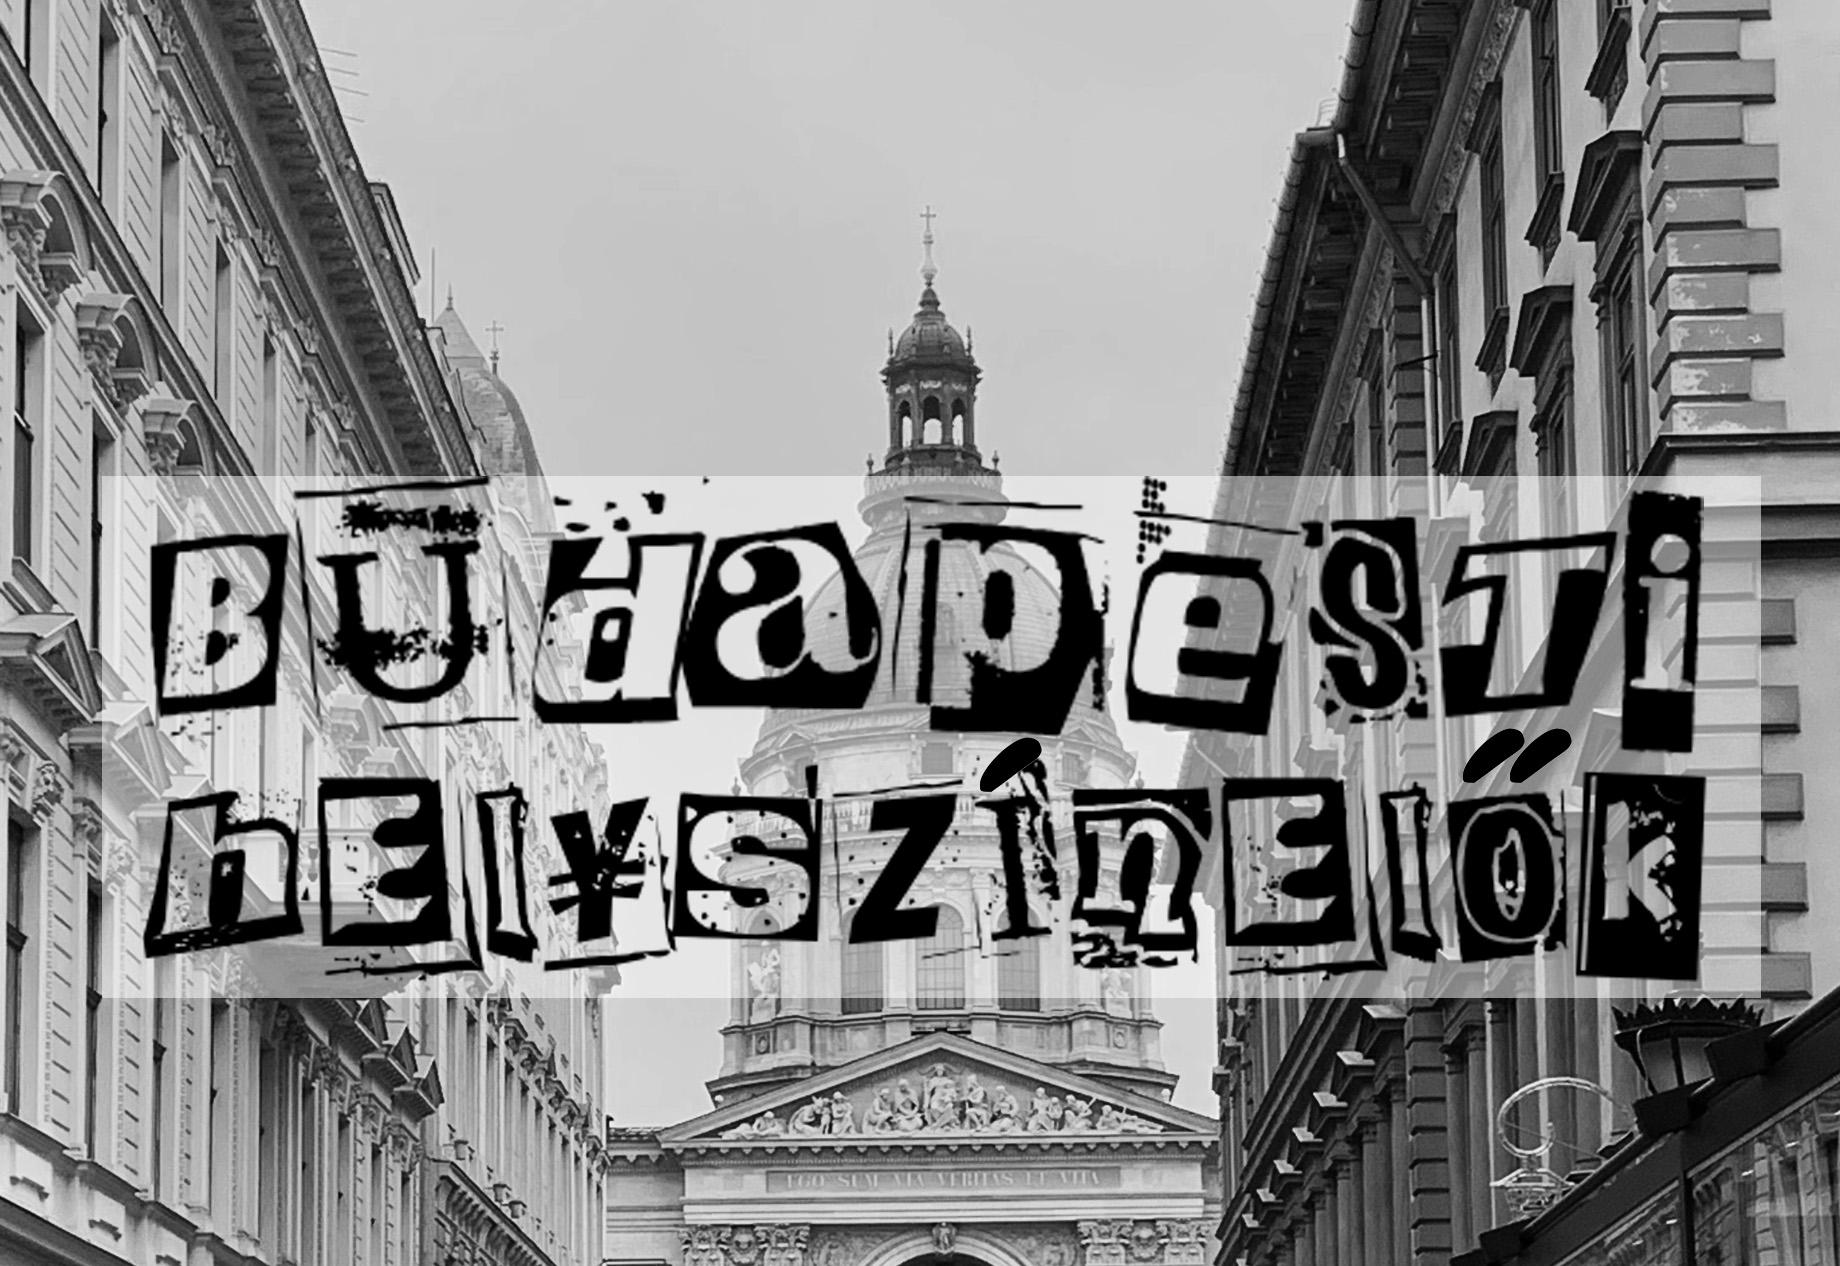 Budapesti Helyszínelők Városi Nyomozójátékok